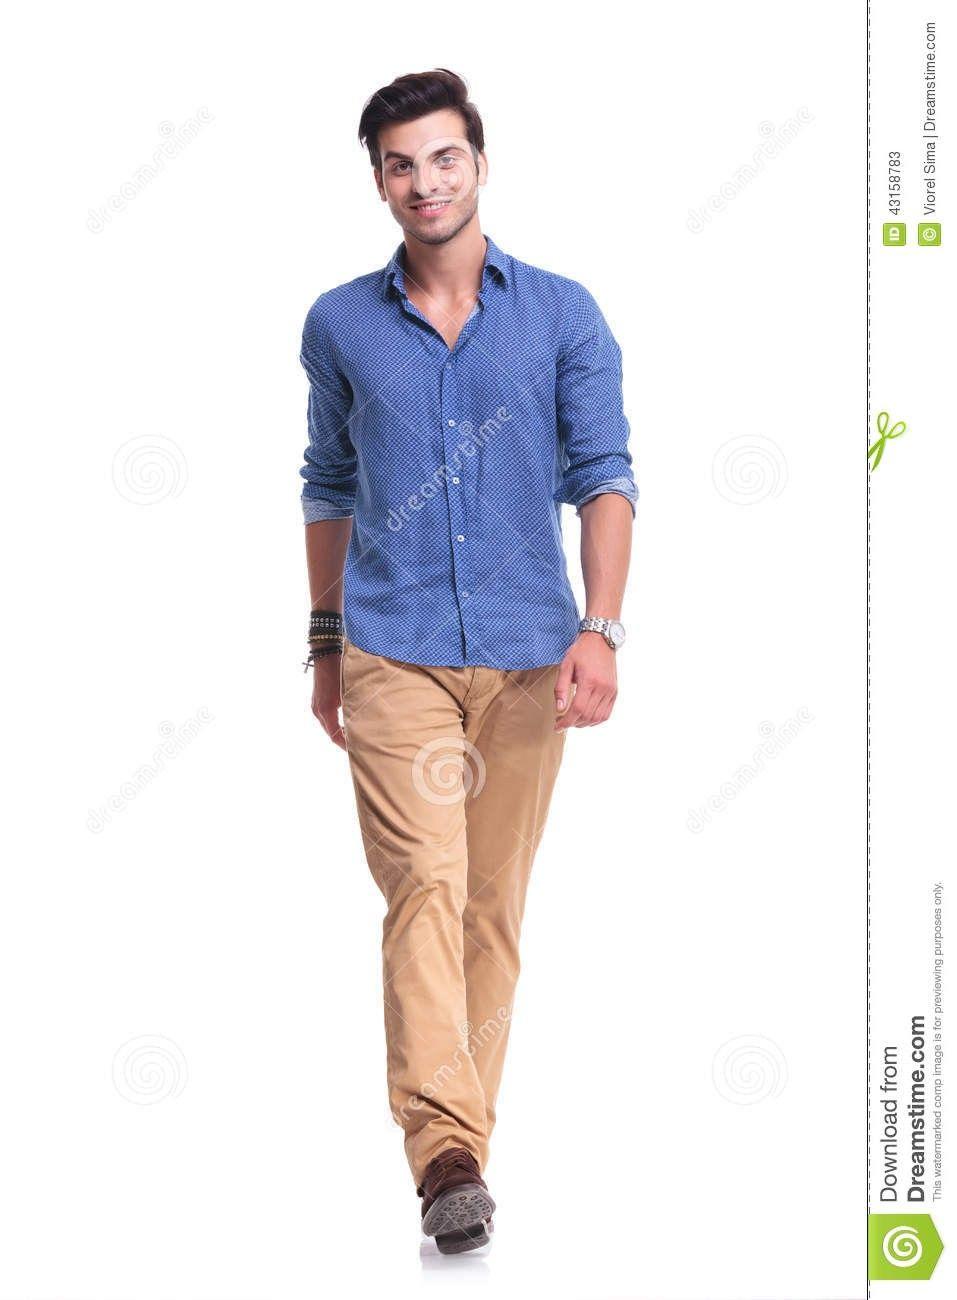 Hombre Caminando Modelo Para Dibujar Dibujos De Hombres Hombres Poses